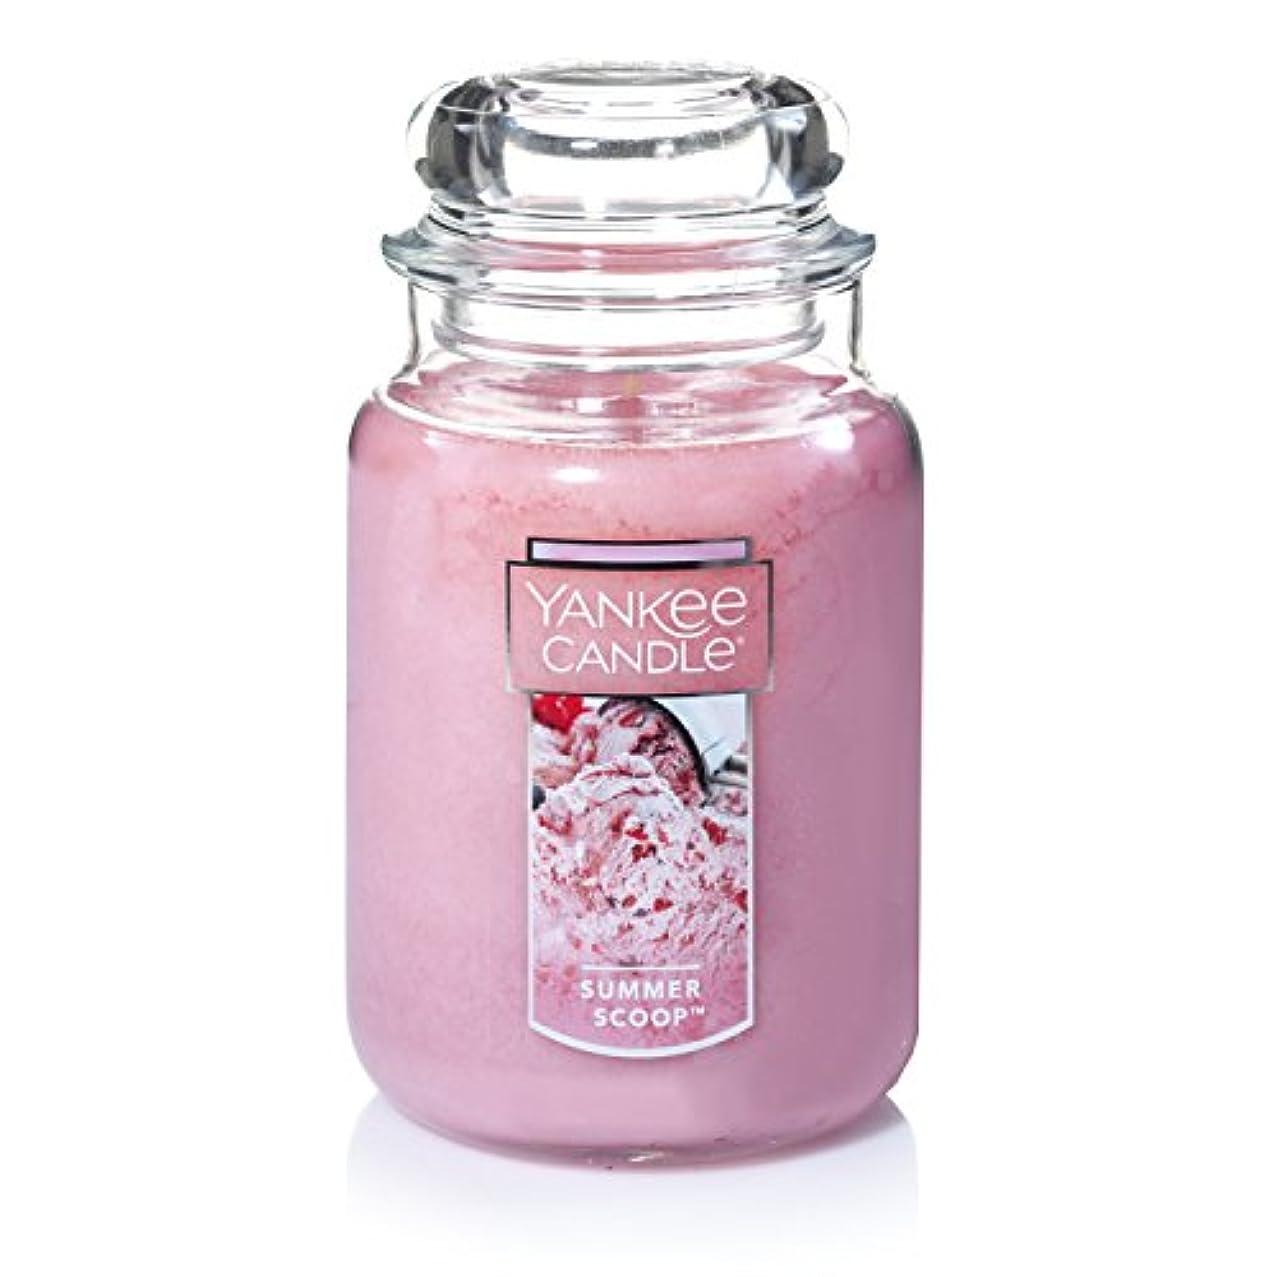 怪しい付録海岸Yankee Candle夏スクープ、フルーツ香り Large Jar Candle 1257046